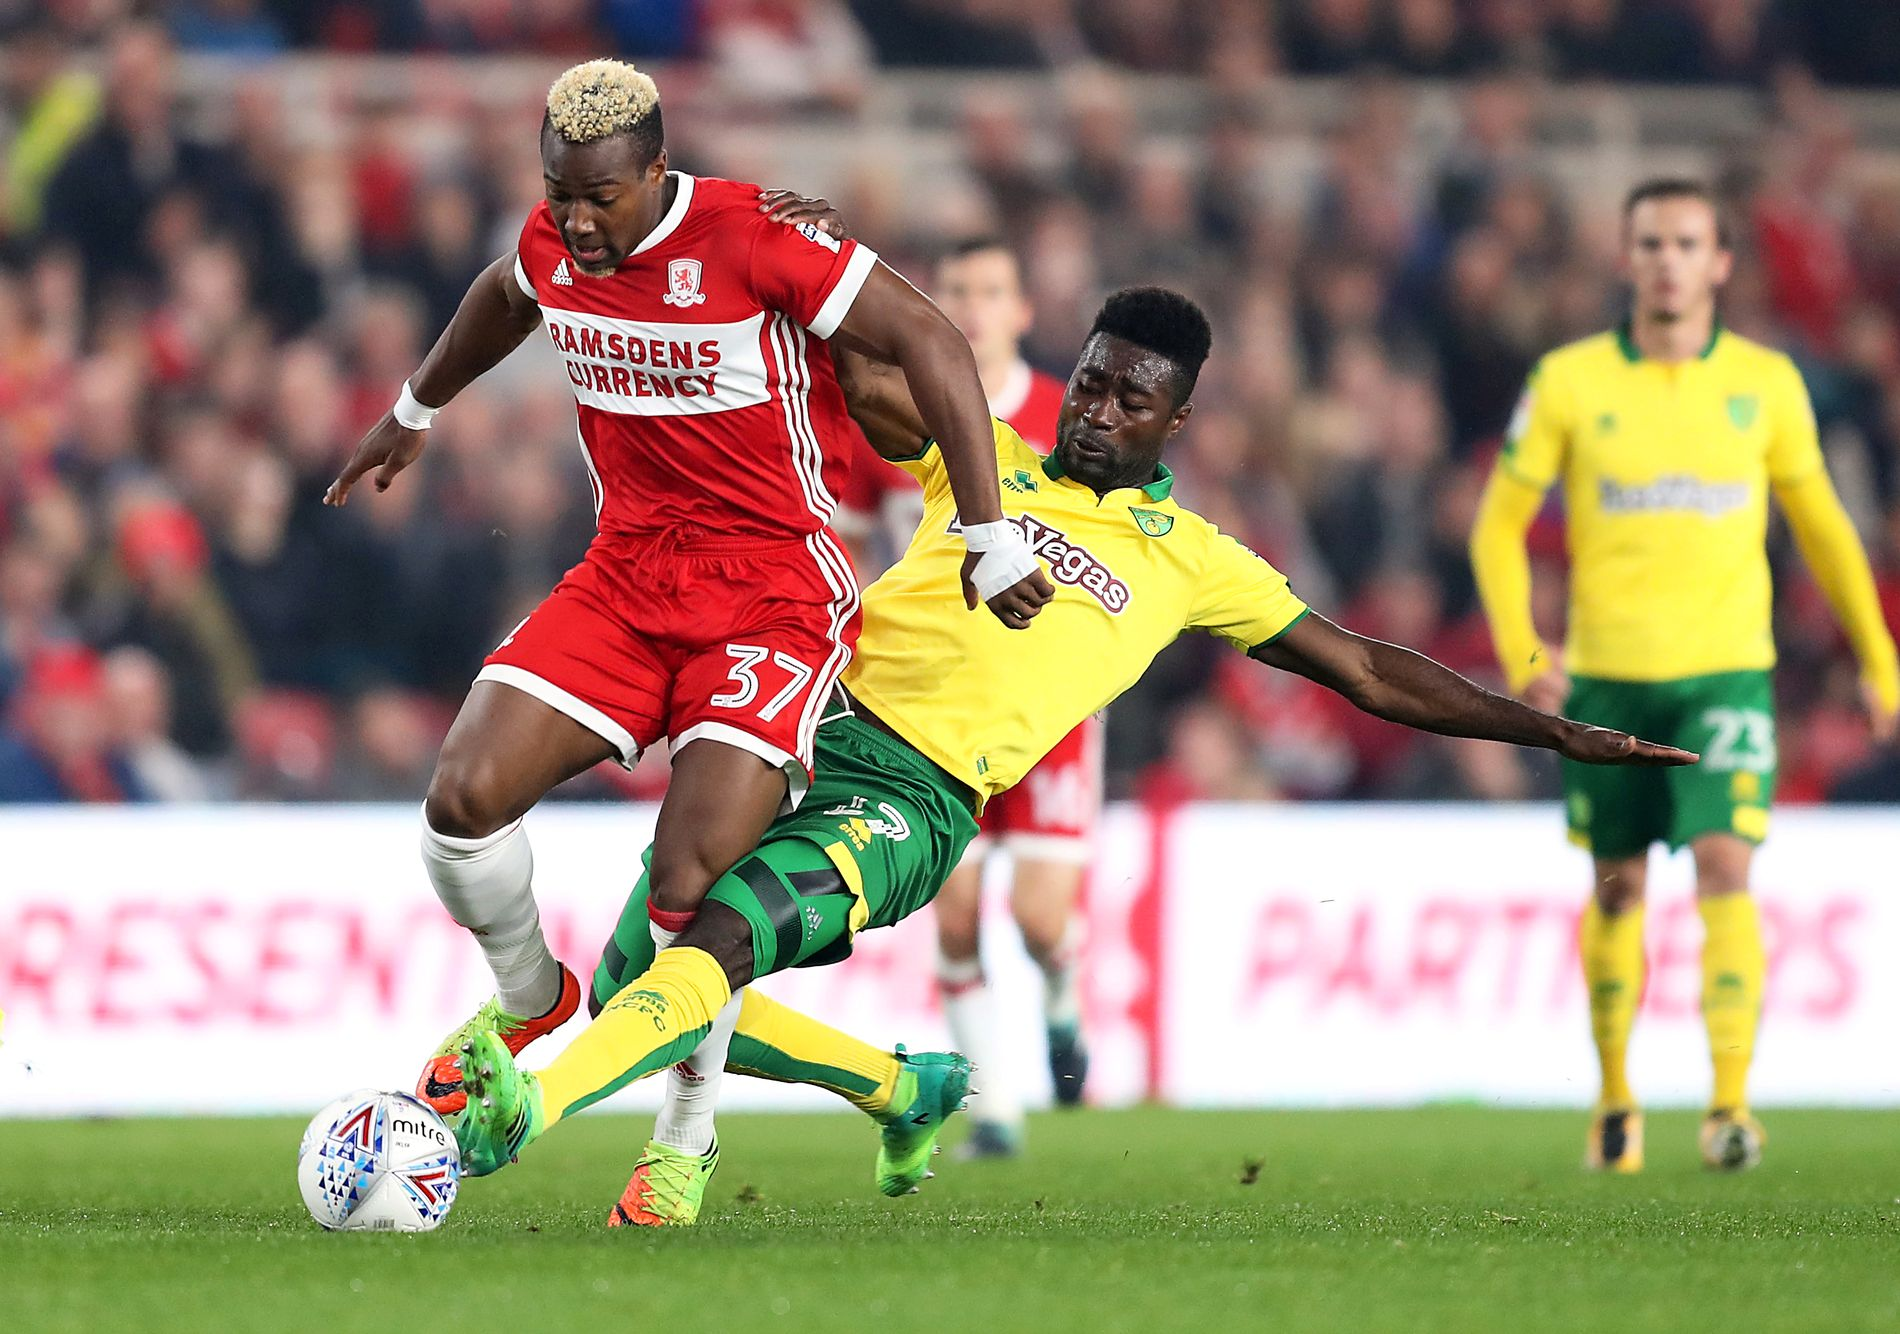 KAN KOMME HJEM: 26. september taklet Alexander Tettey Middlesbroughs Adama Traoré på Riverside Stadium. Neste sesong kan han spille i Norge. Foto: NTB scanpix